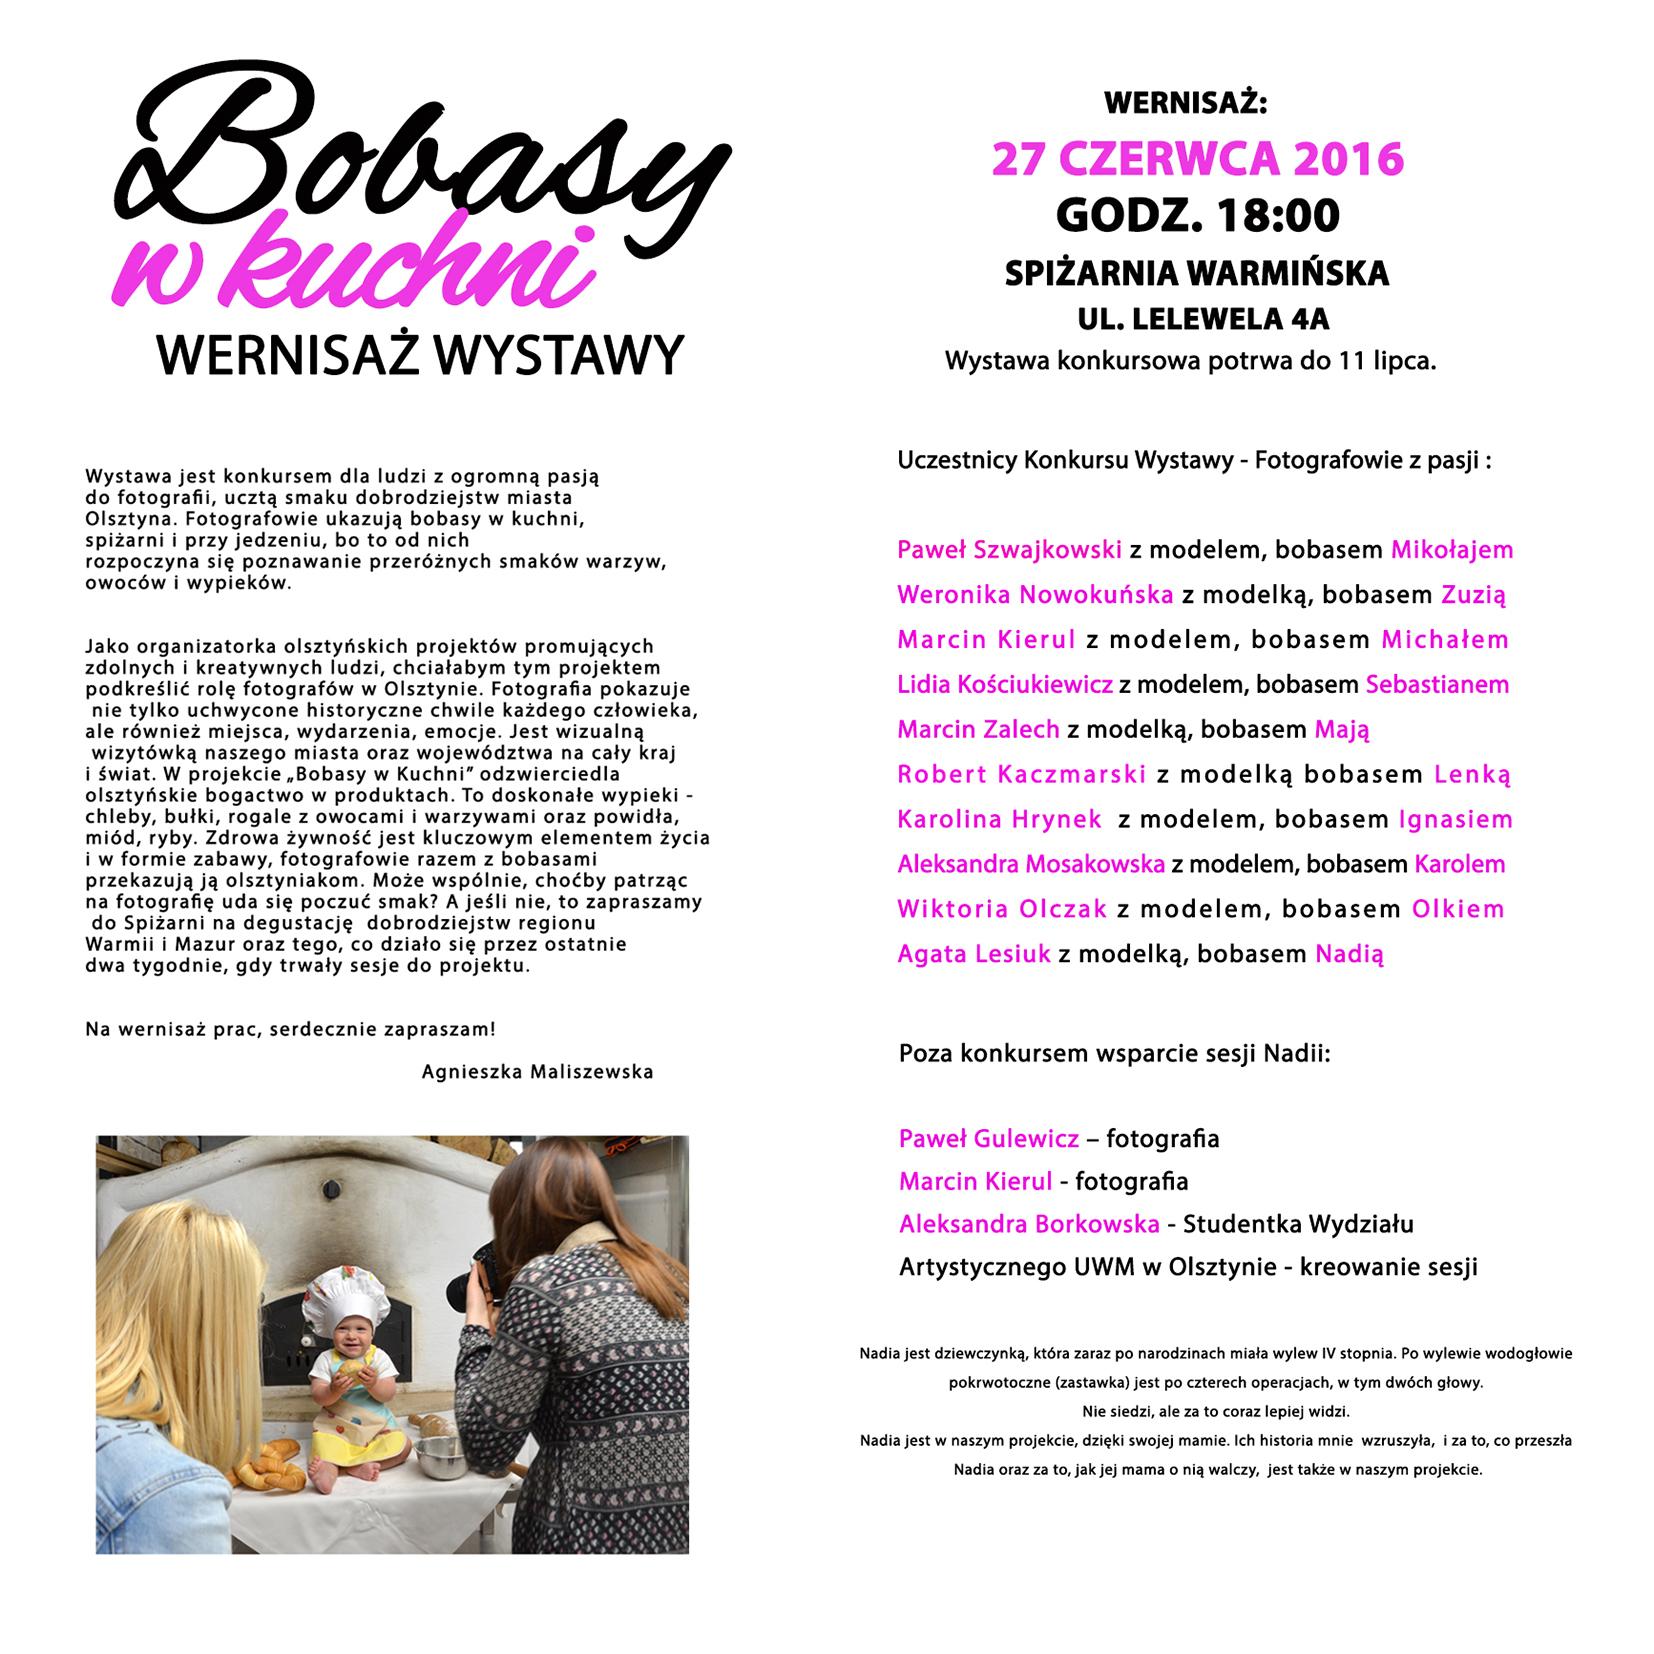 2zaproszenie2 Projekt Bobasy w Kuchni